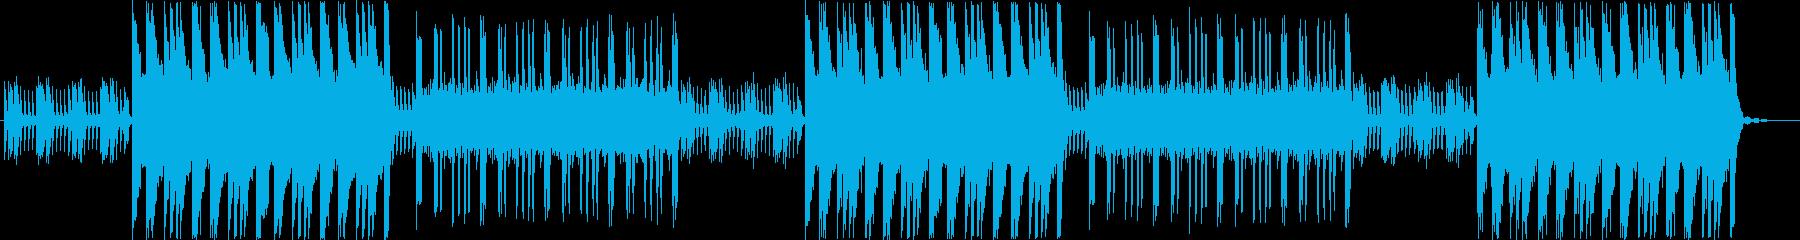 重厚感溢れる不気味なピアノBGMの再生済みの波形